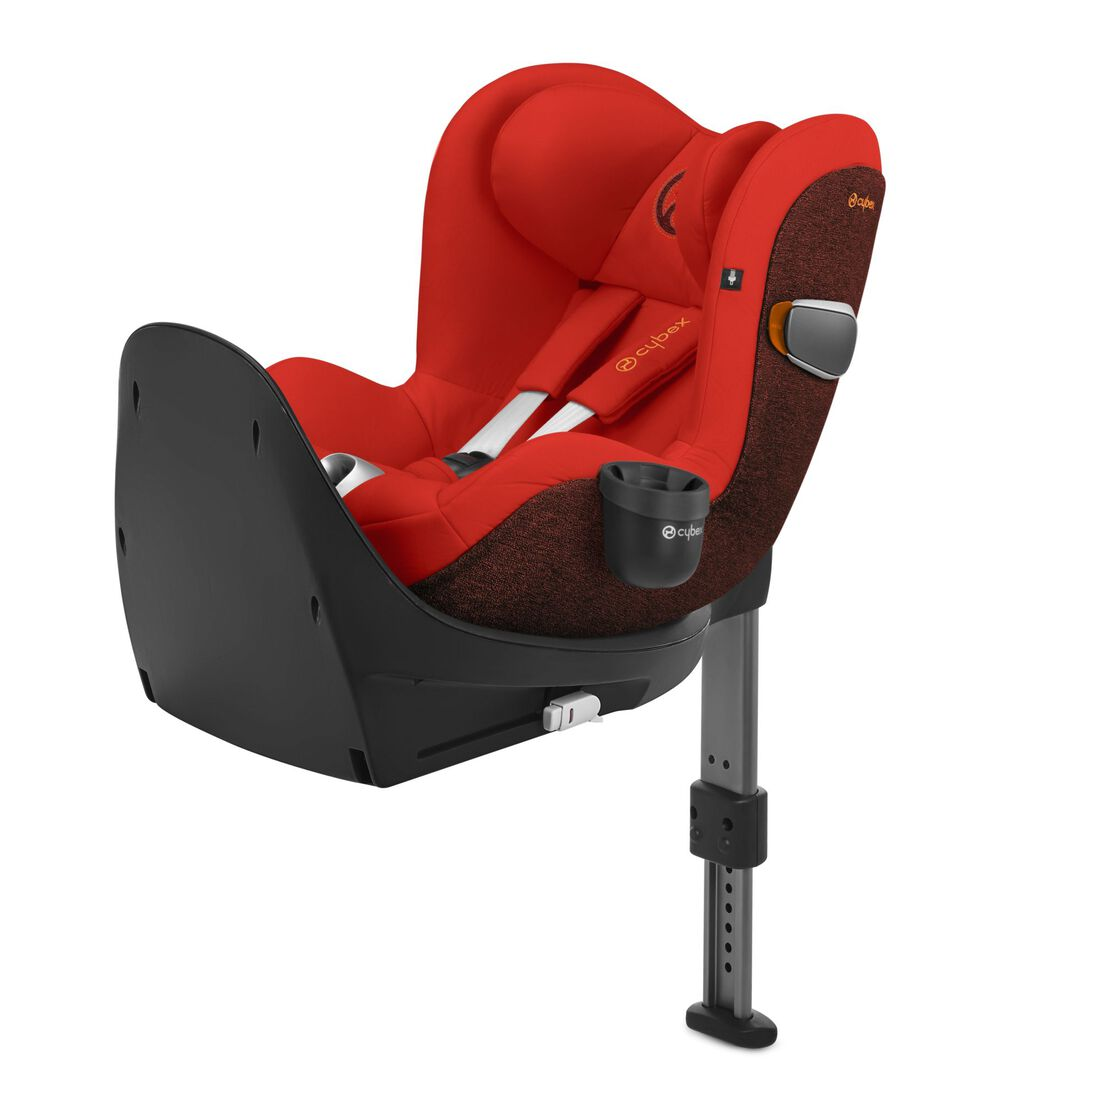 CYBEX Becherhalter Kindersitze - Black in Black large